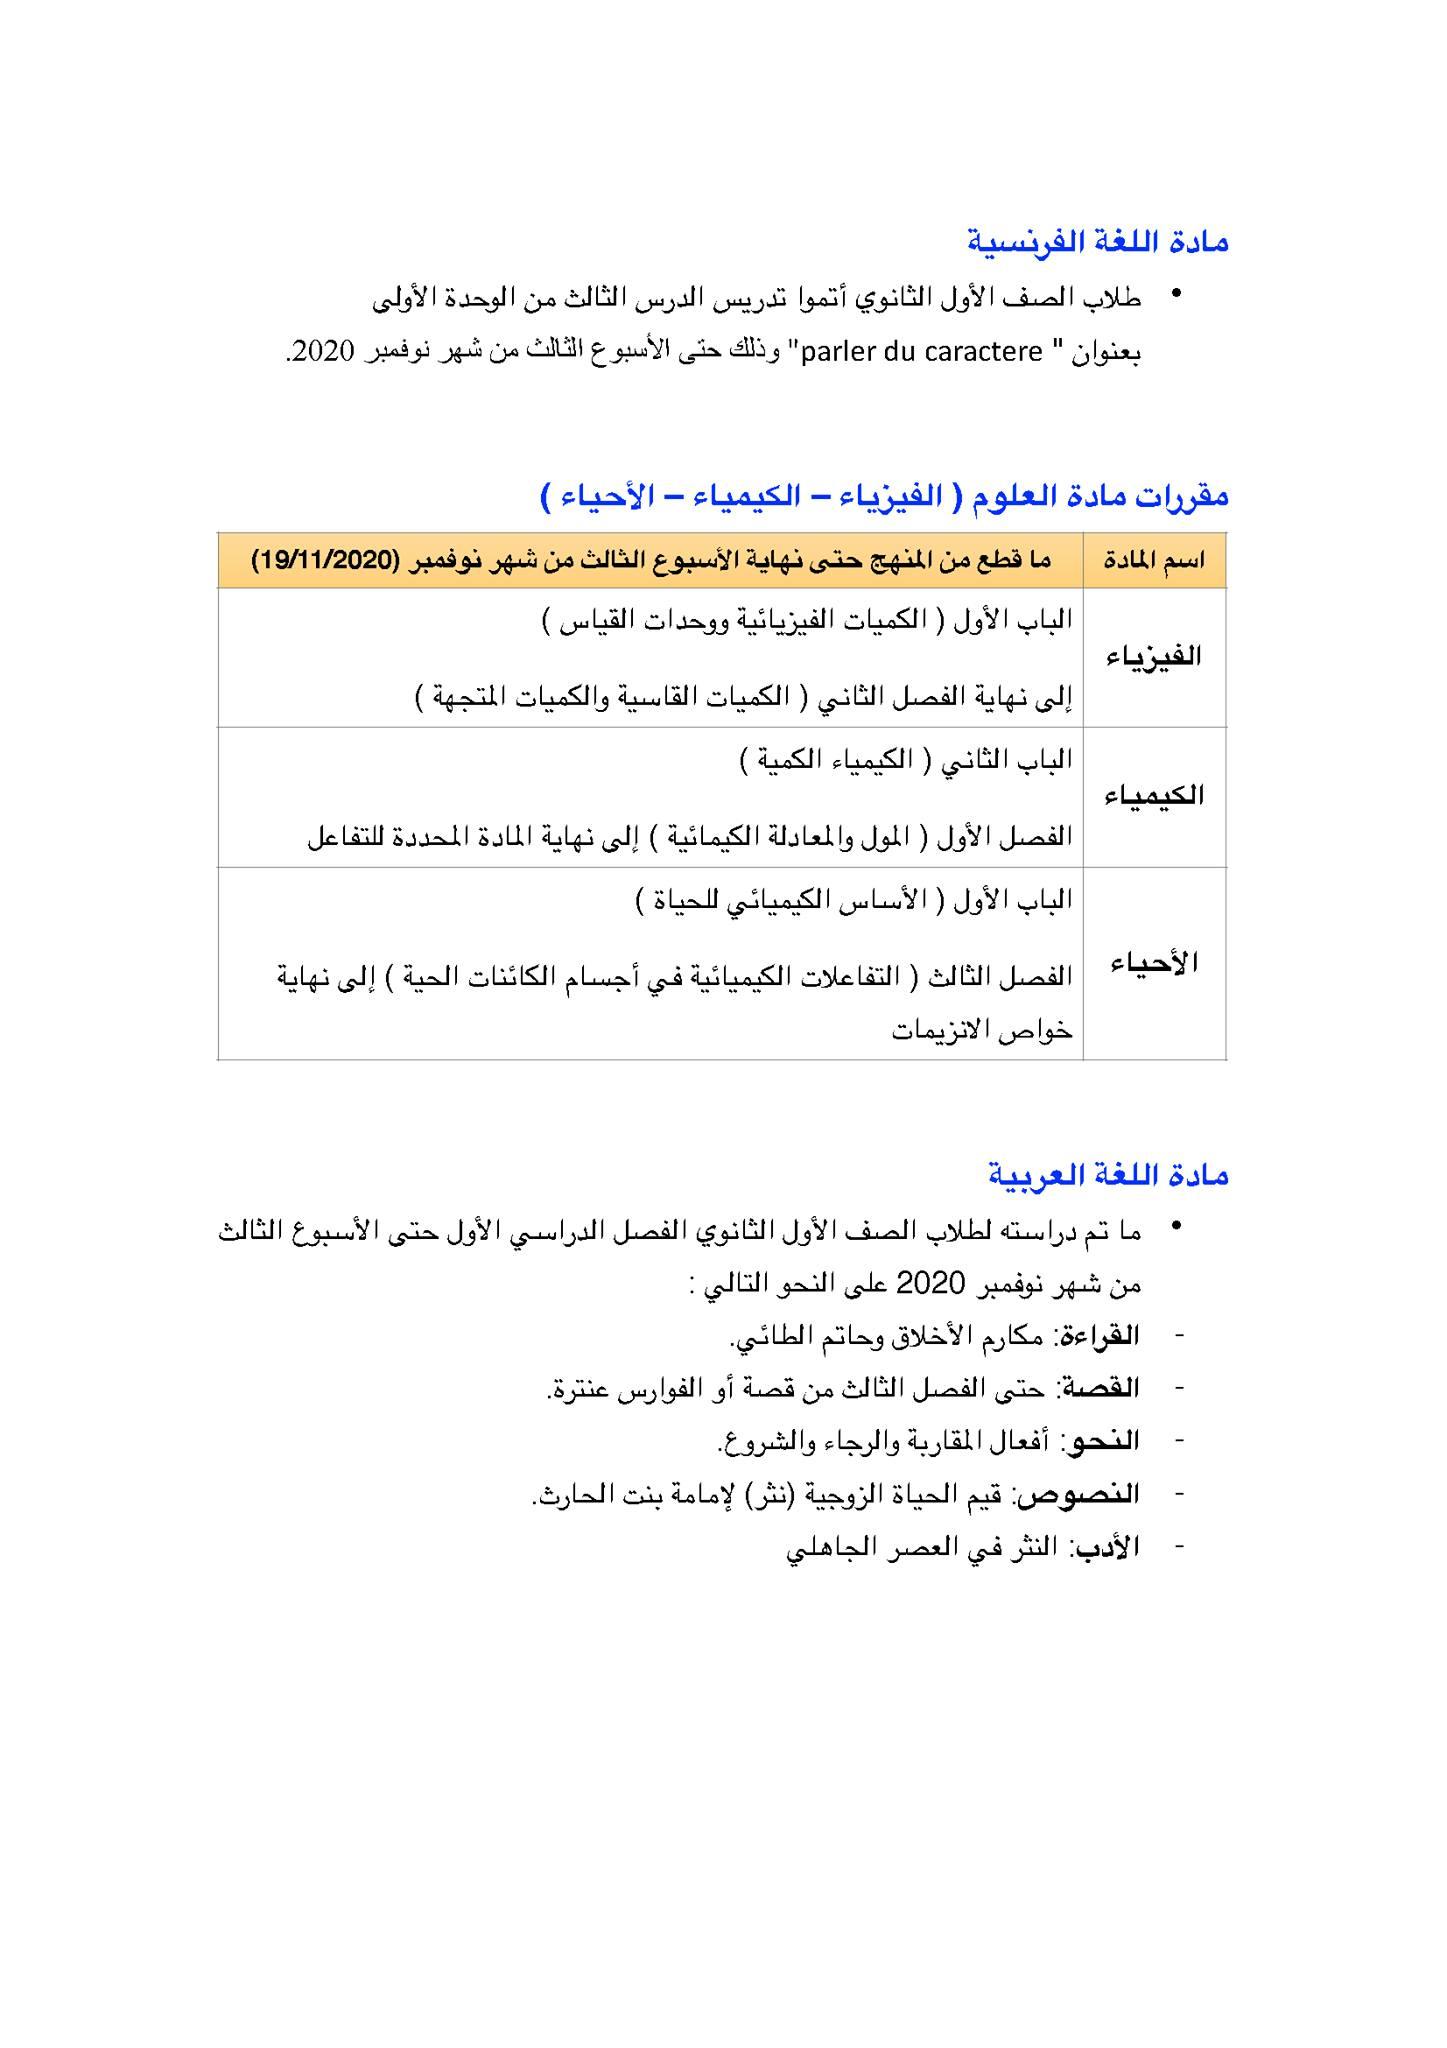 التعليم تعلن الأجزاء المقررة لطلاب الصف الأول الثانوي العام في الامتحان التدريبي 3